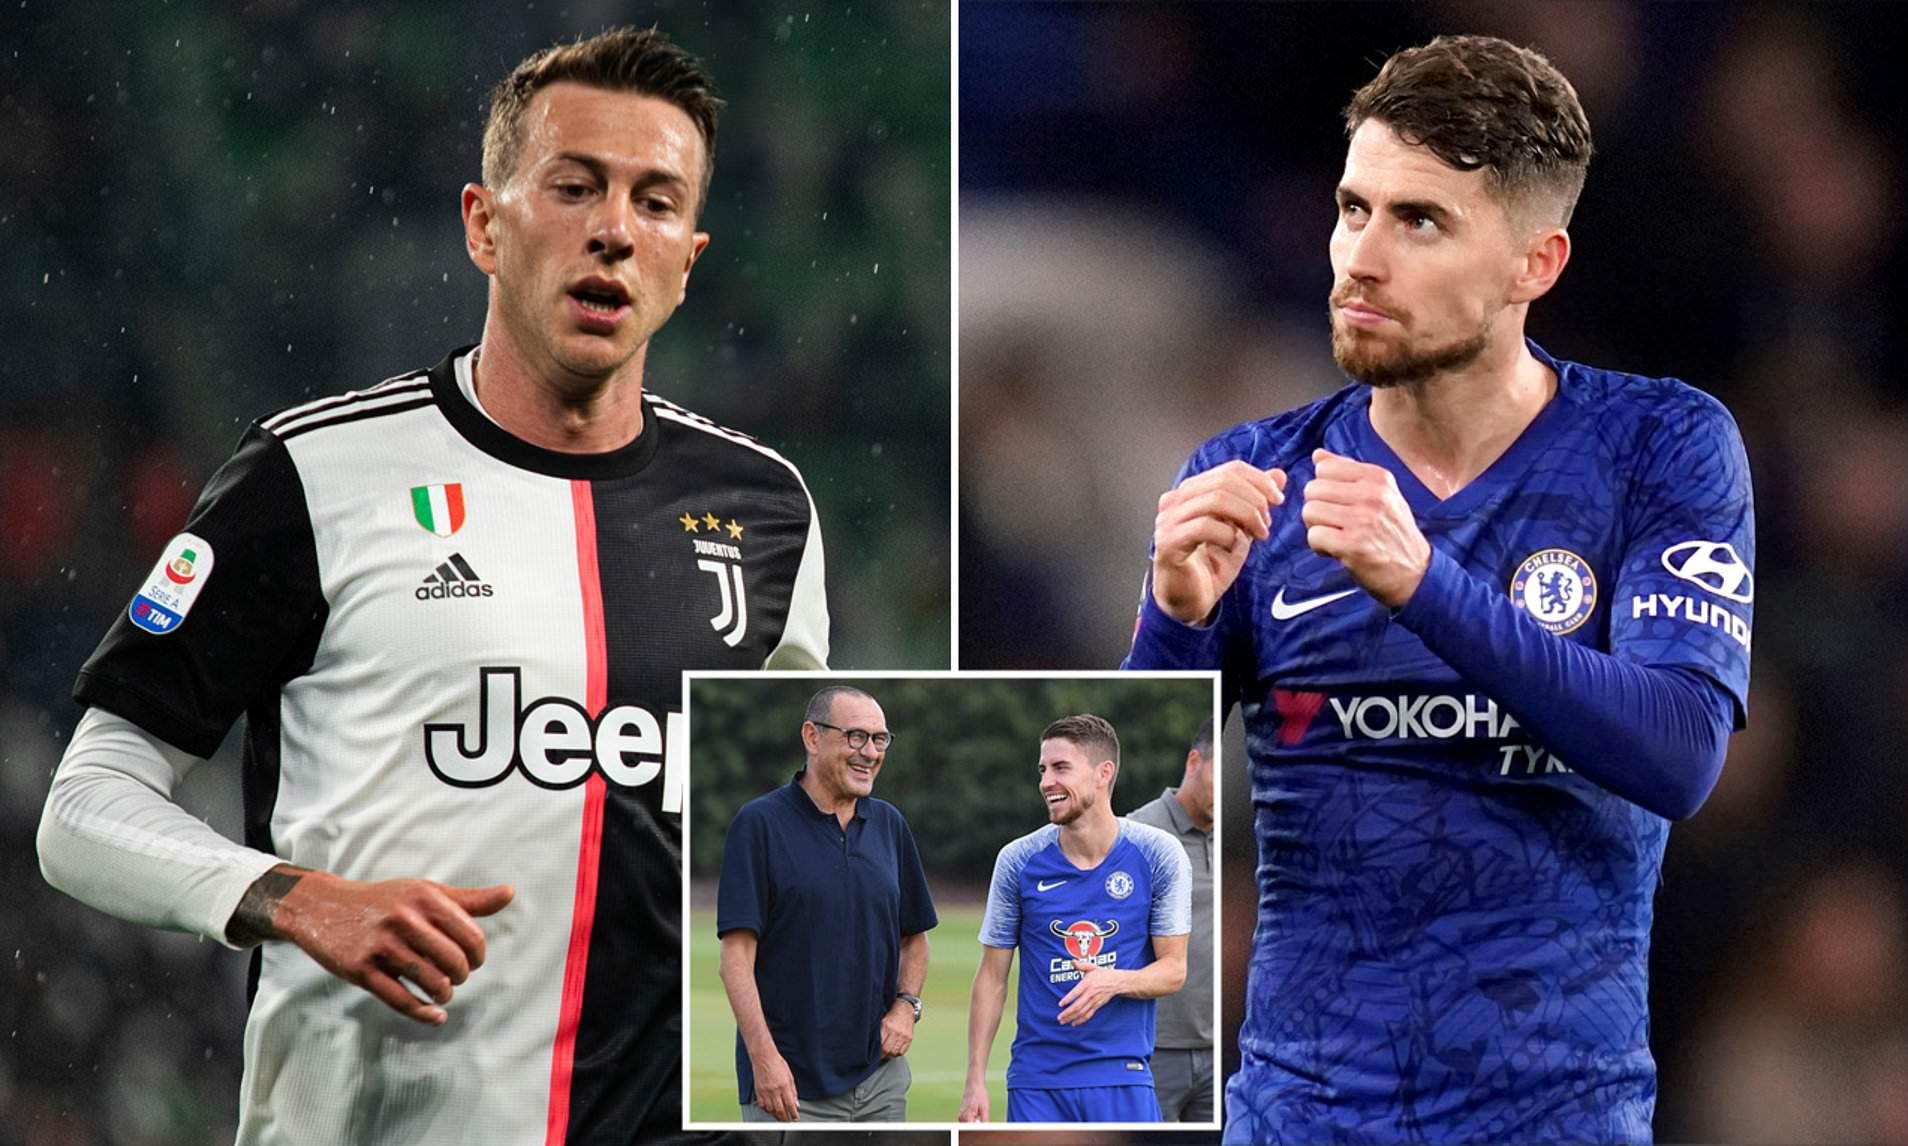 یوونتوس-سری آ-ایتالیا-Juventus-Seri A-Italy